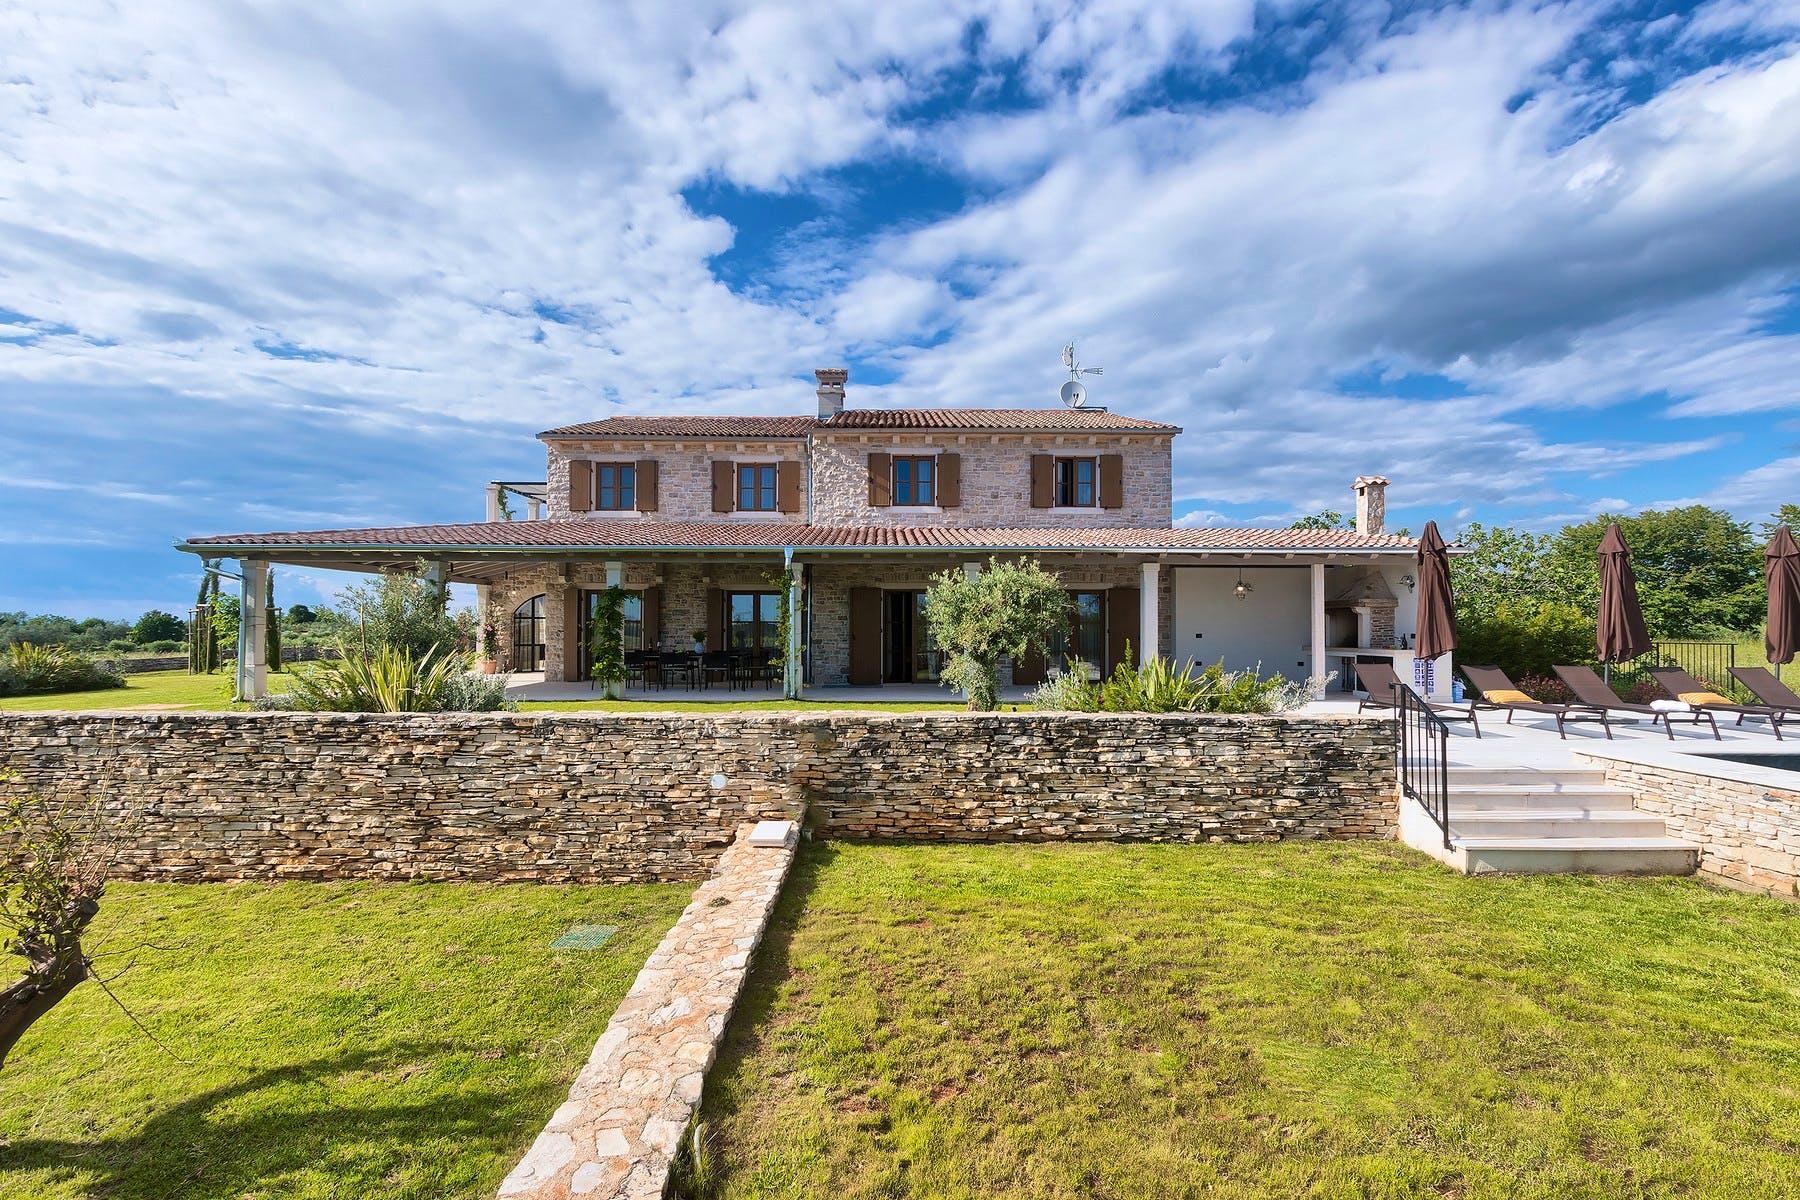 Stone villa on large plot